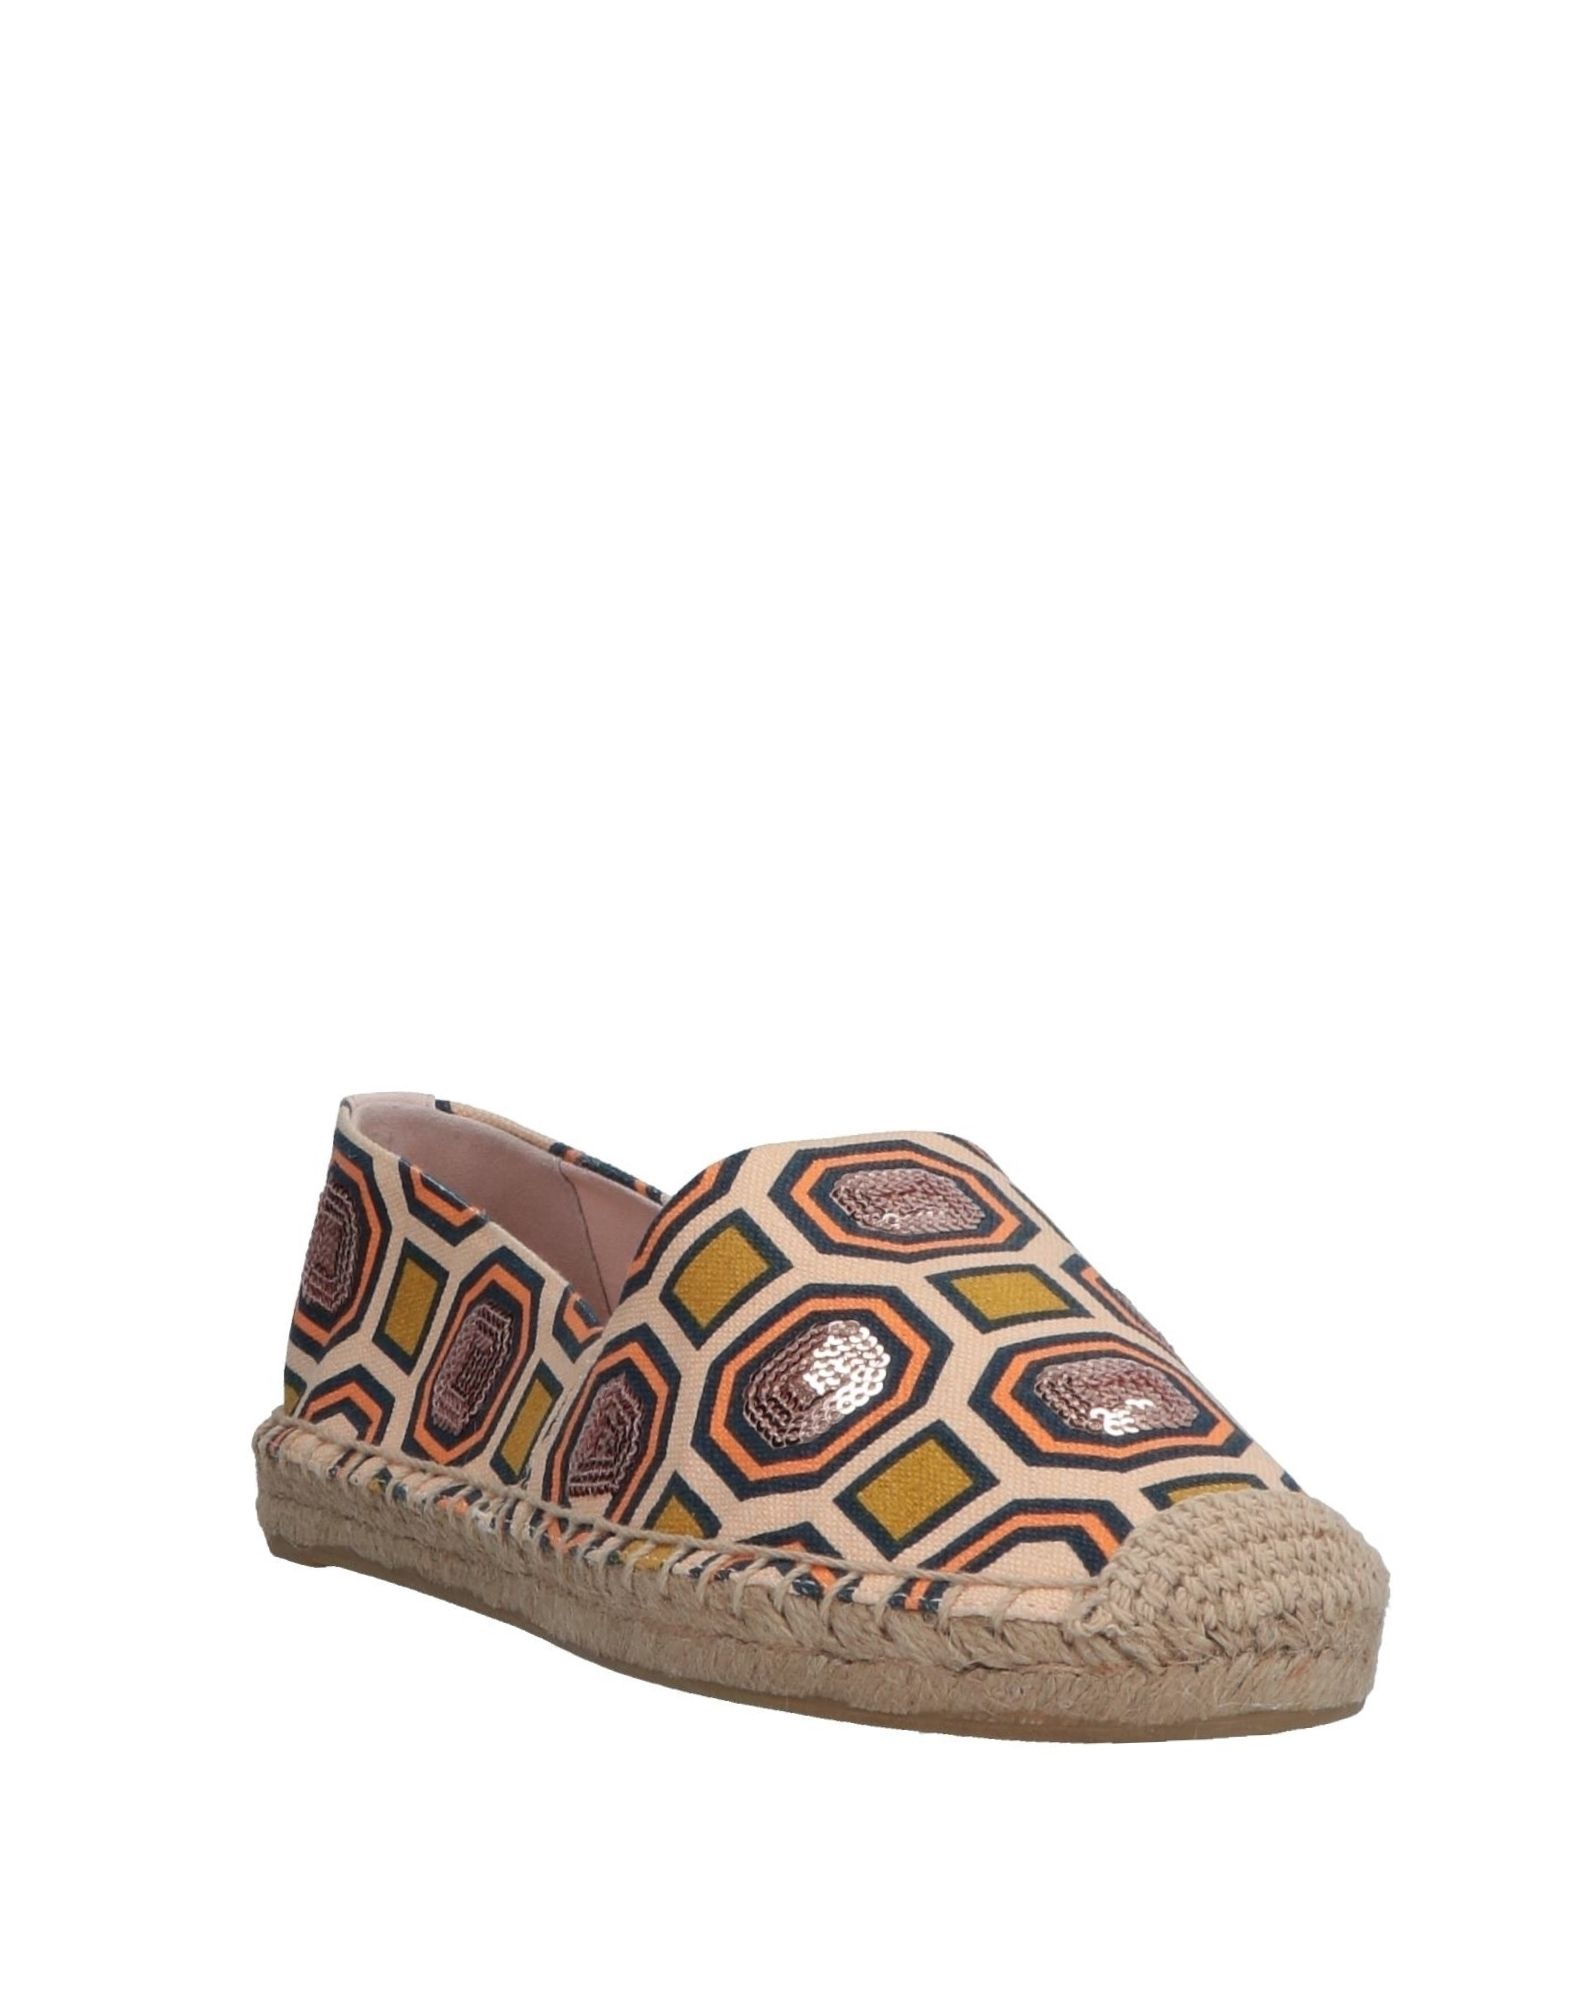 Stilvolle billige Schuhe Tory 11577700QK Burch Espadrilles Damen  11577700QK Tory 61ebd5